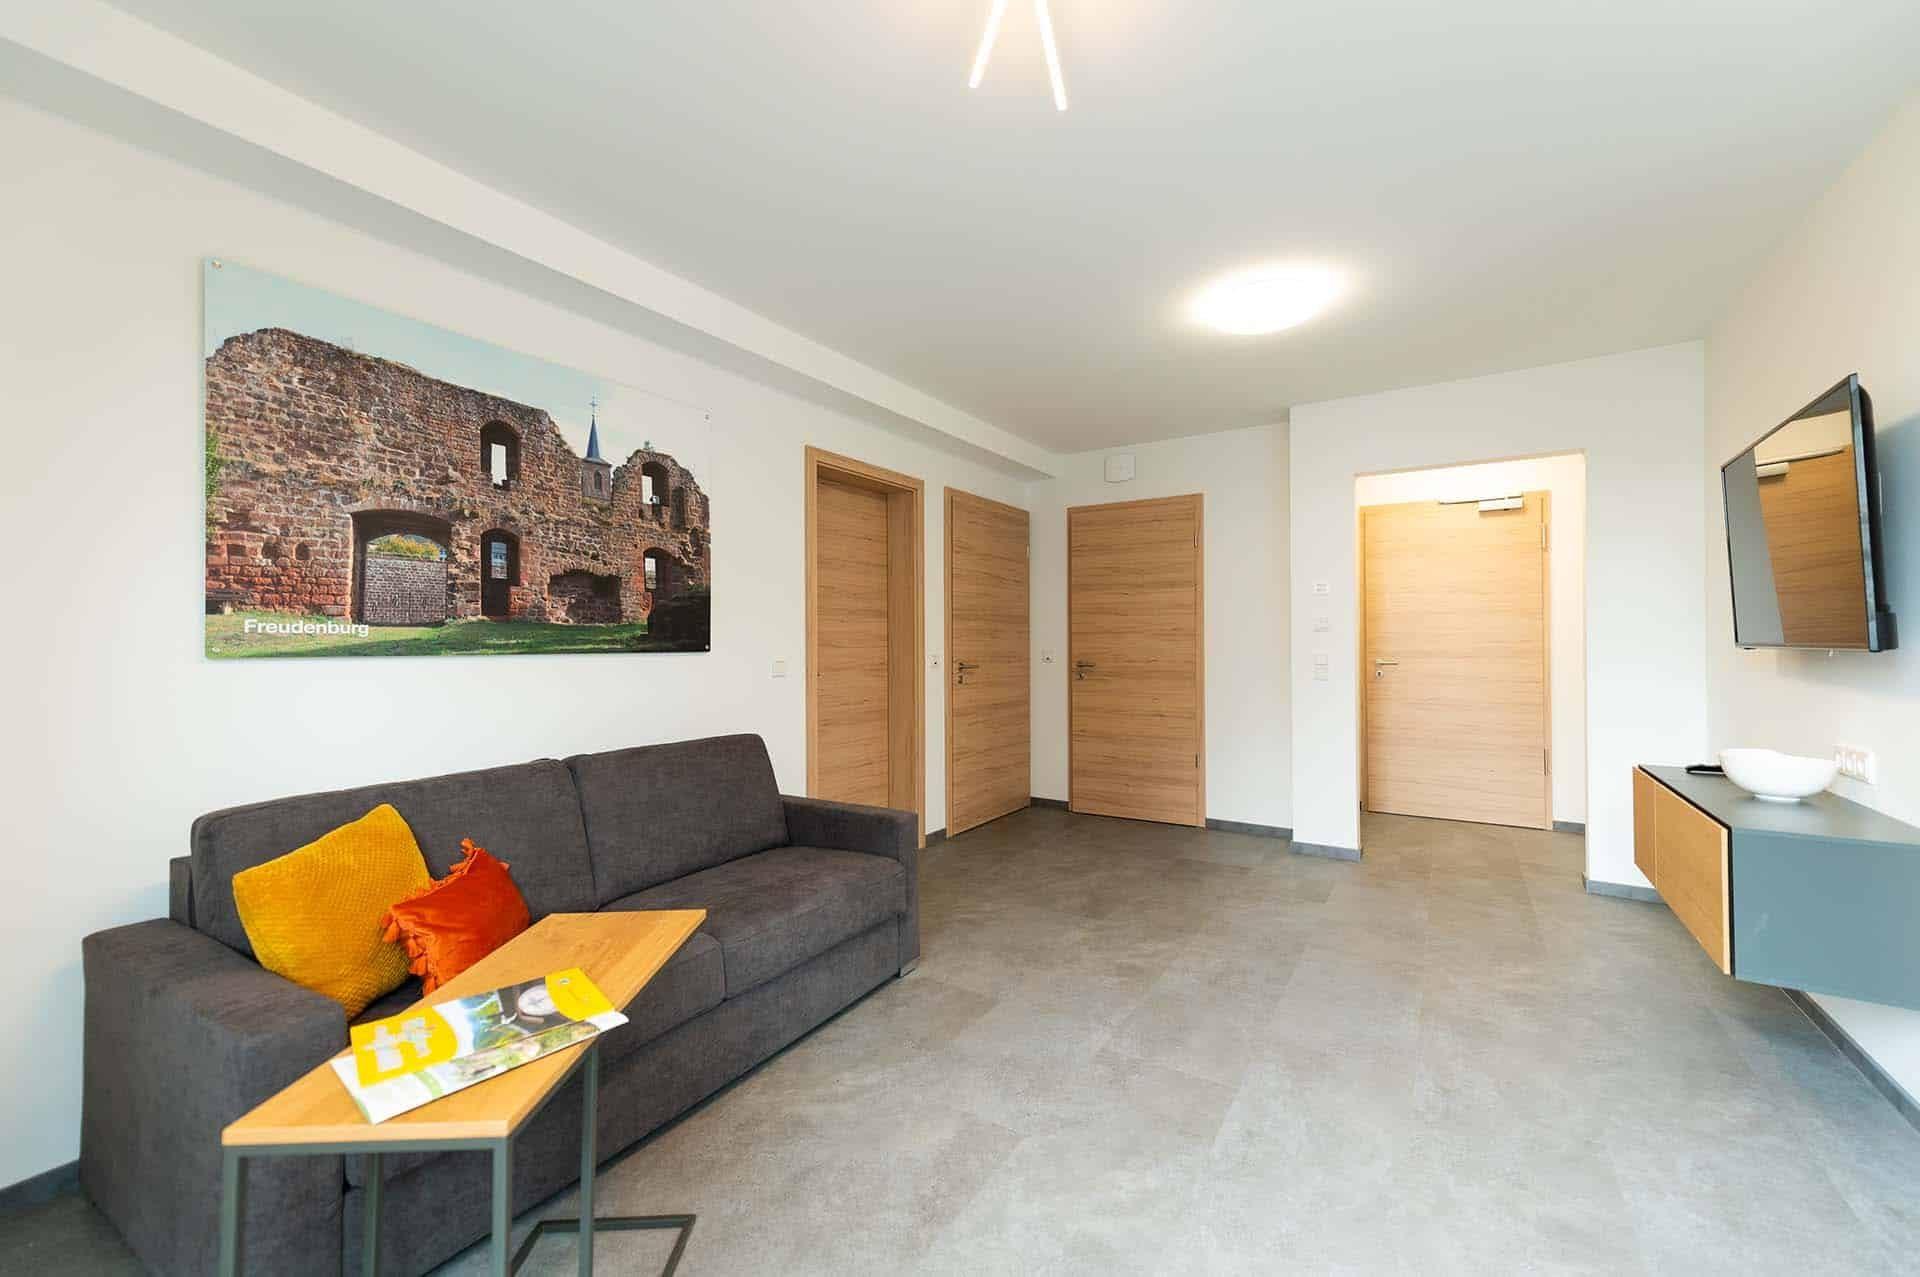 appartement-freudenburg-wohnbereich